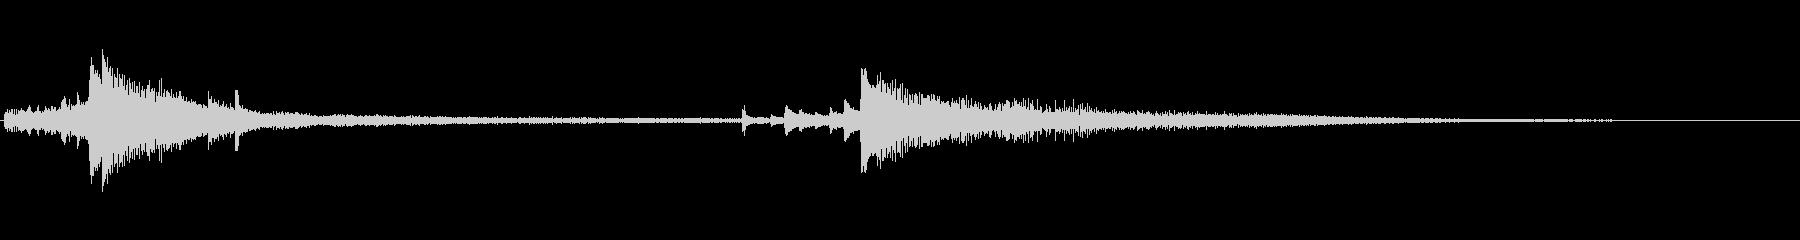 ハープ:マイナーアルペジオ:アップ...の未再生の波形